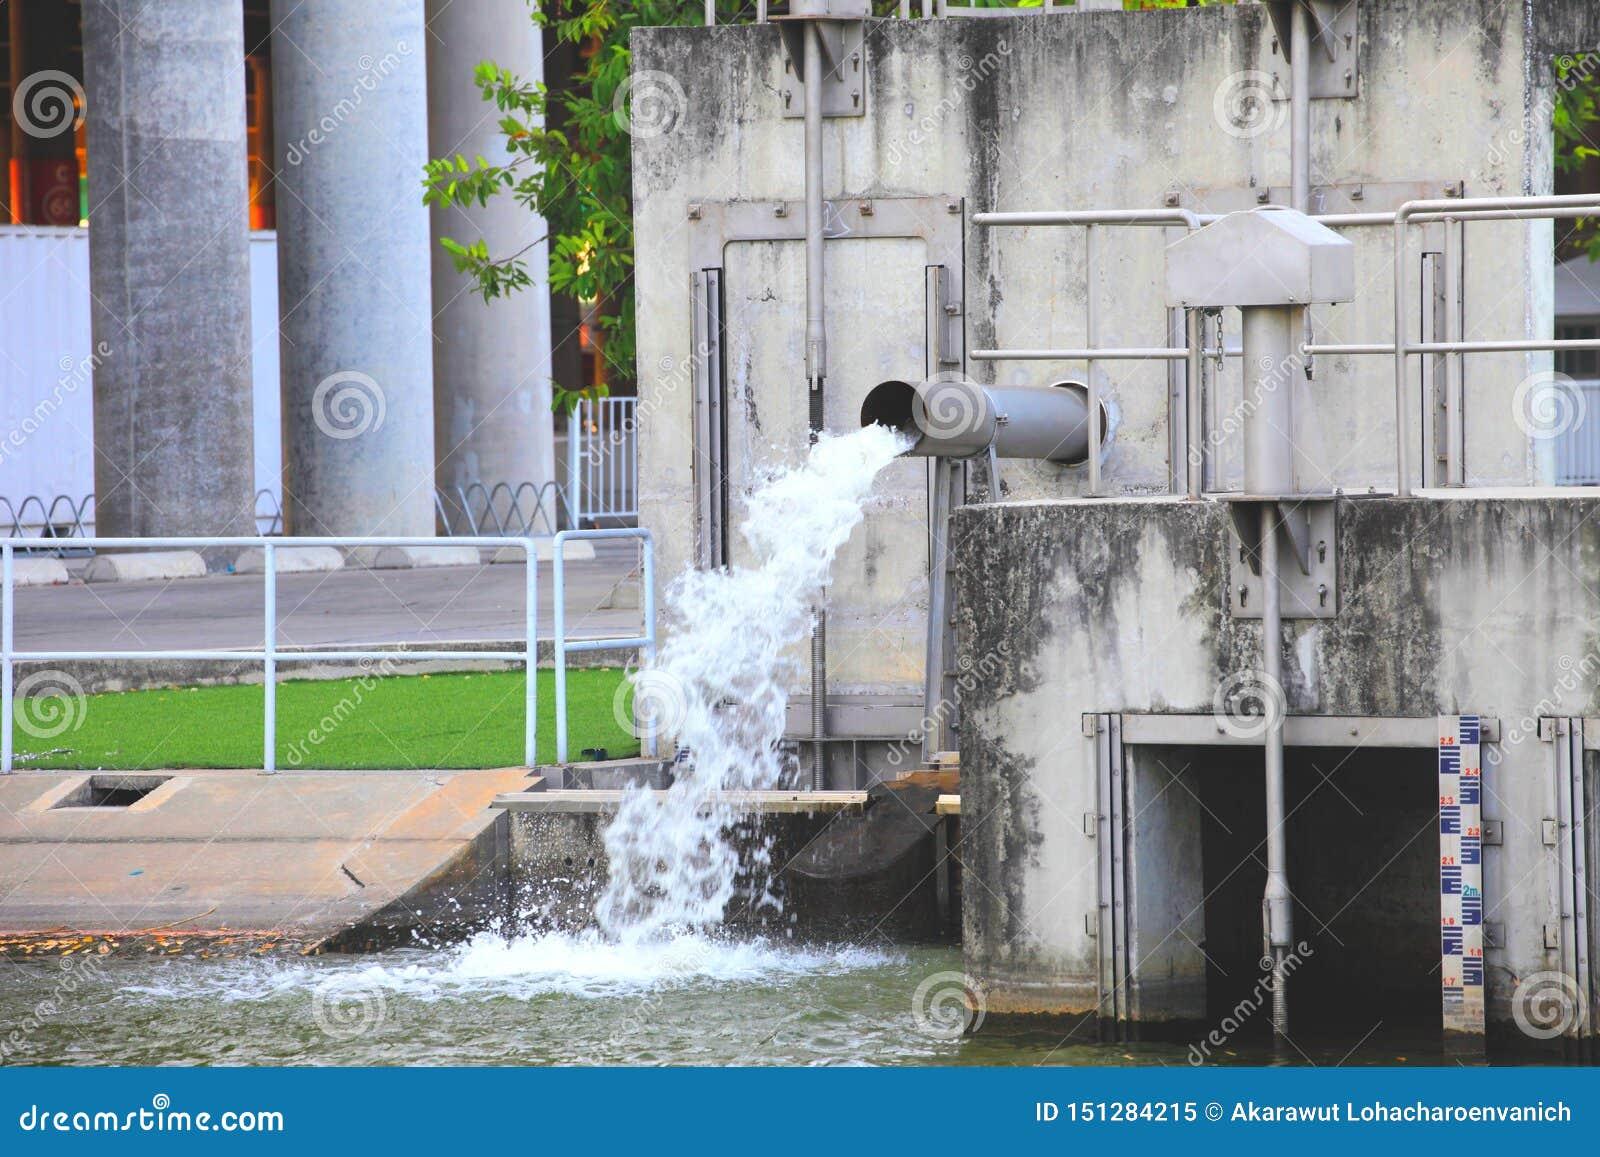 För förlorat vatten system för behandling och återvinningför fabrik och industriellt miljö- program för förorening och